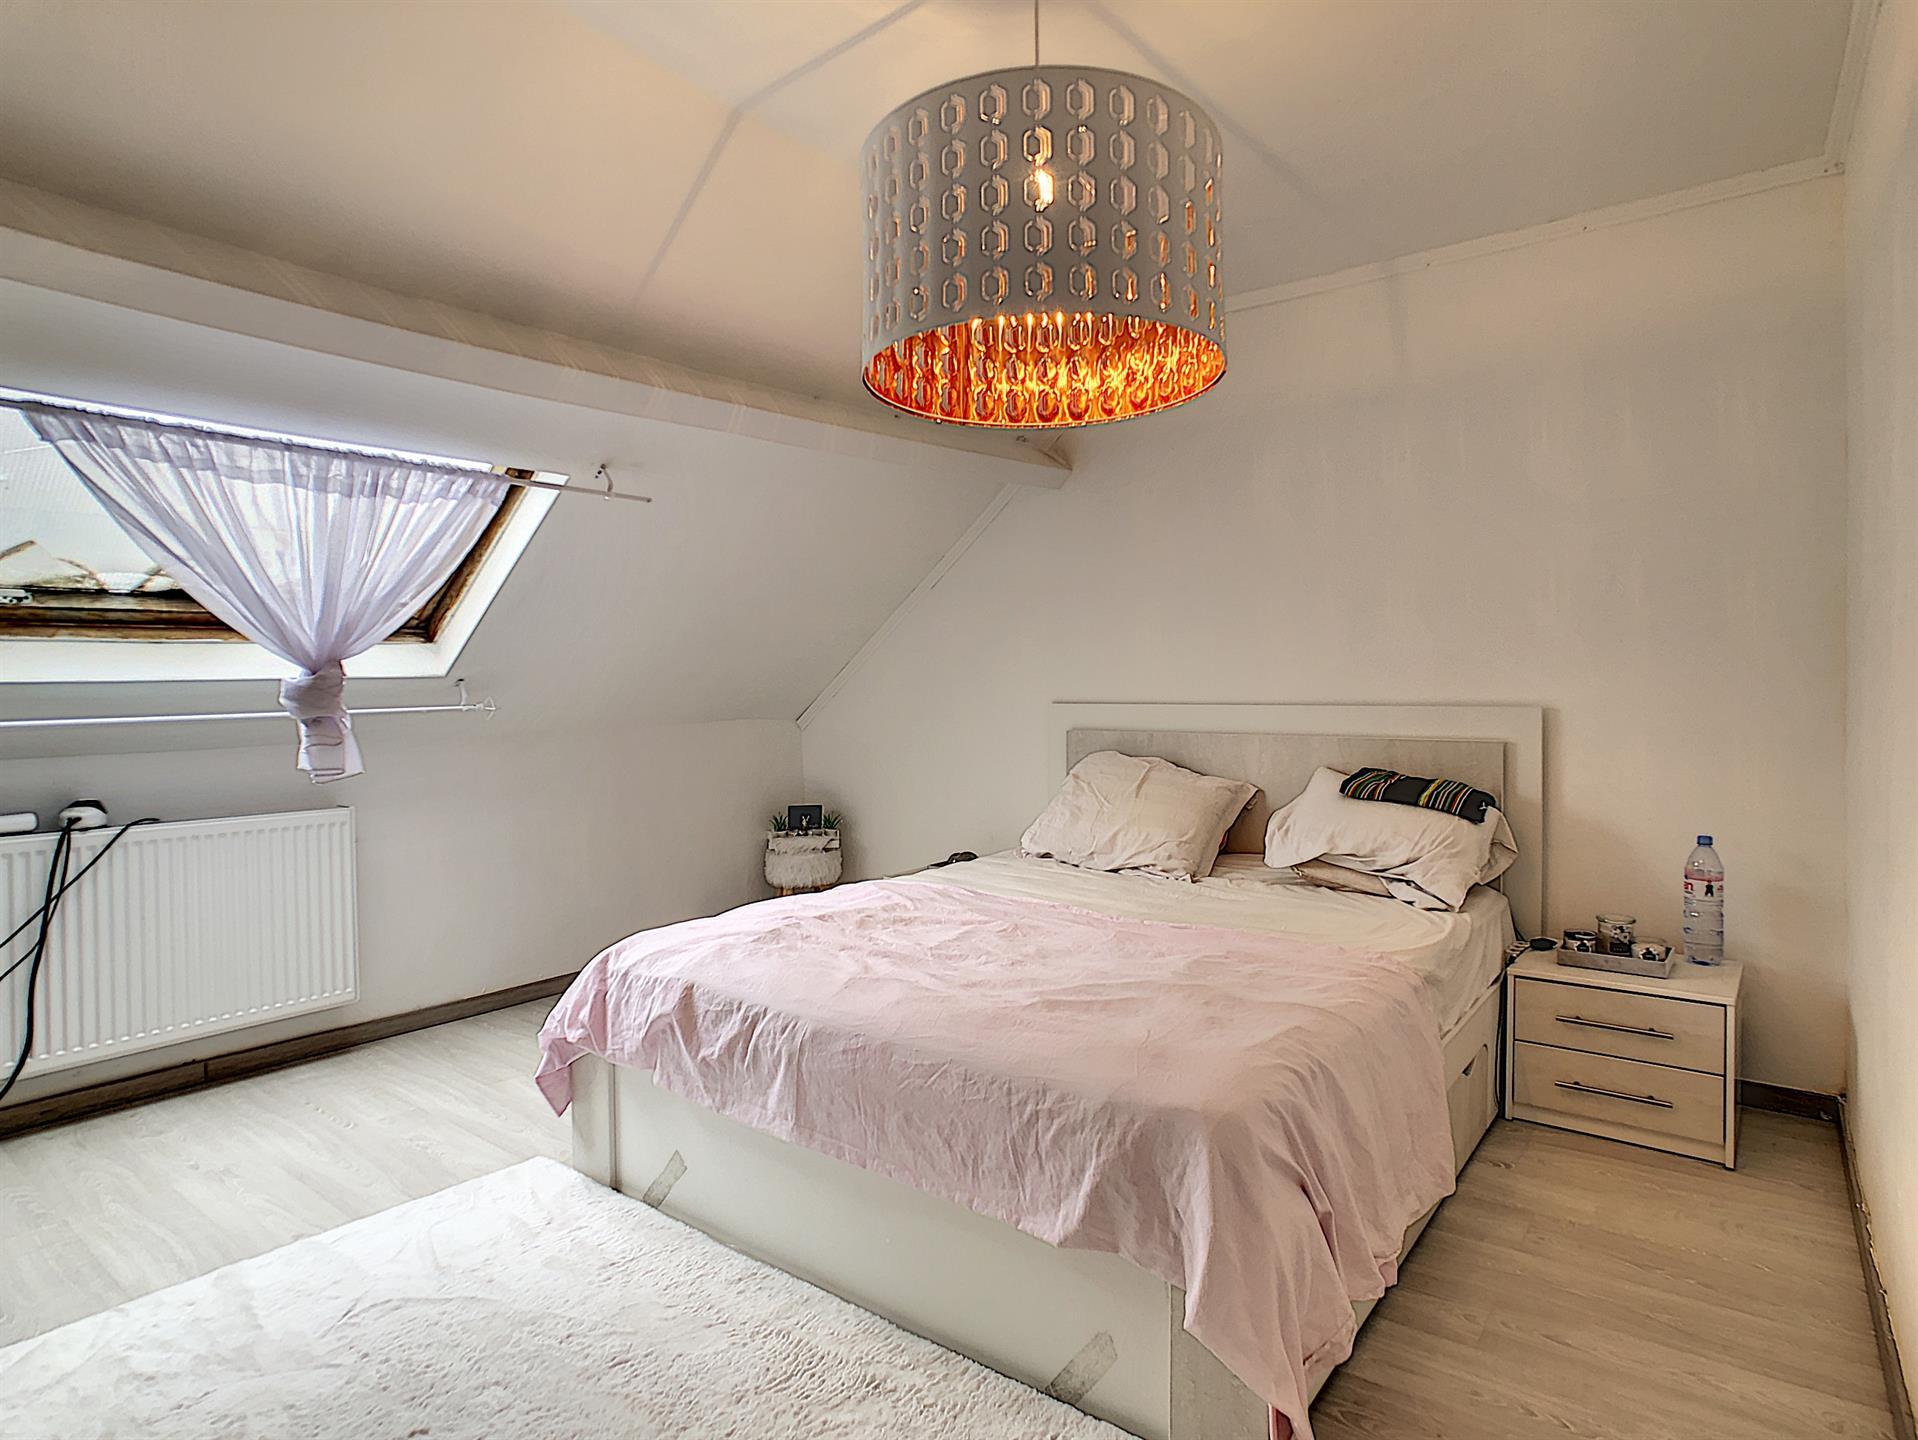 Maison unifamiliale - Ixelles - #4397818-10